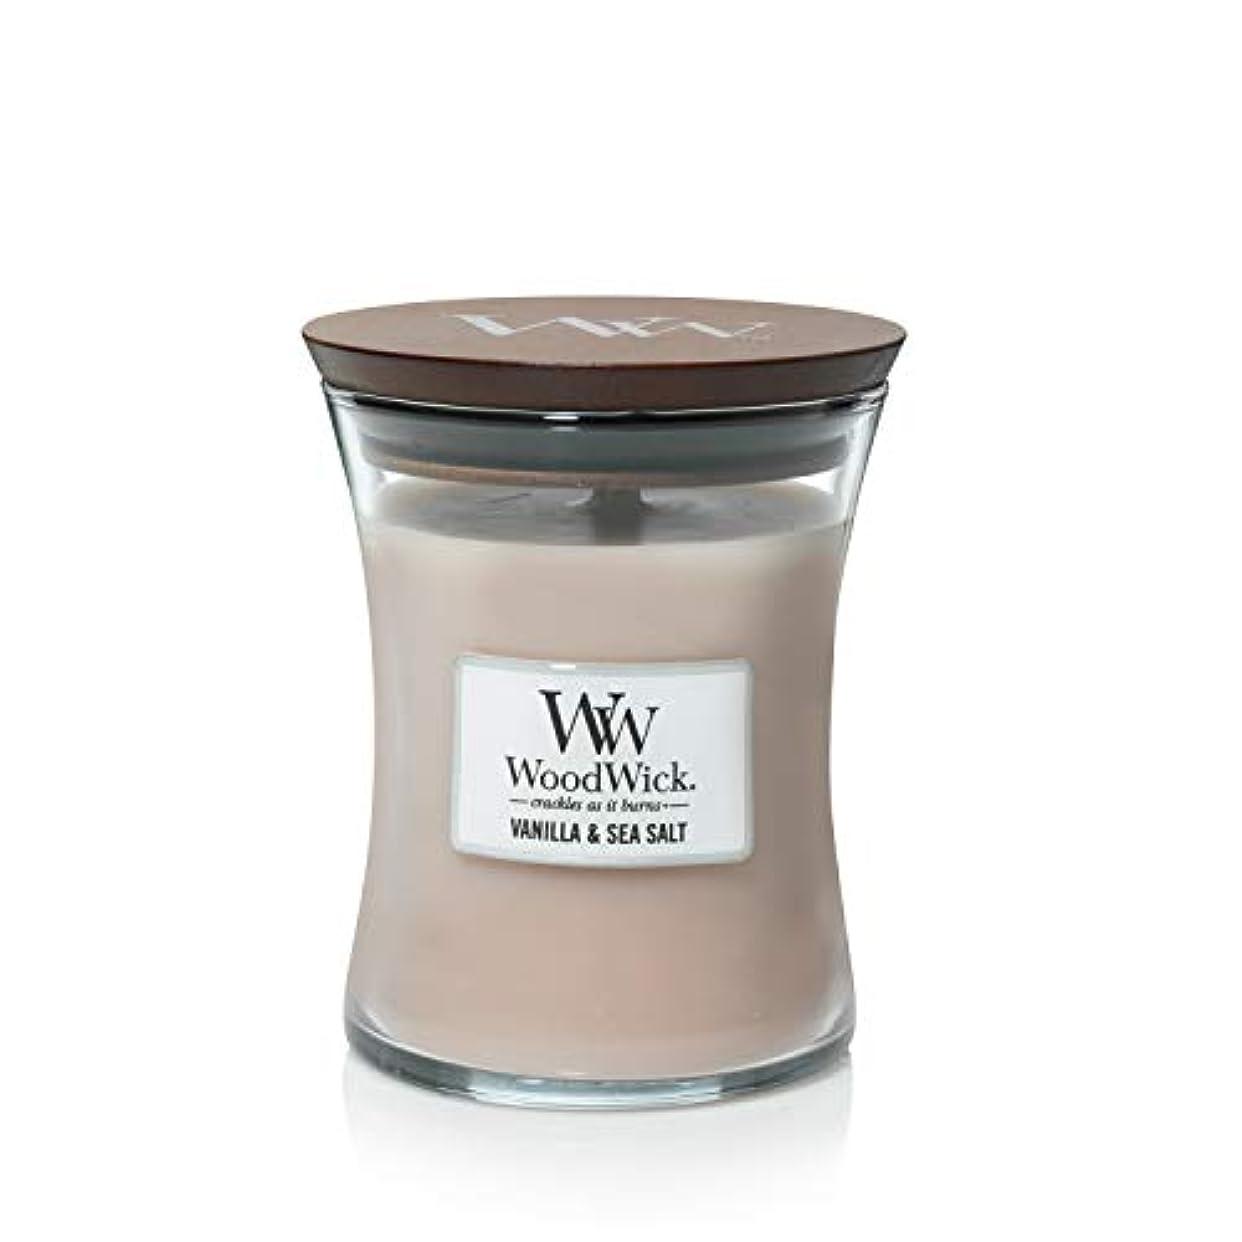 エクステント煙こするバニラSea Salt WoodWick 10 oz Medium砂時計Jar Candle Burns 100時間